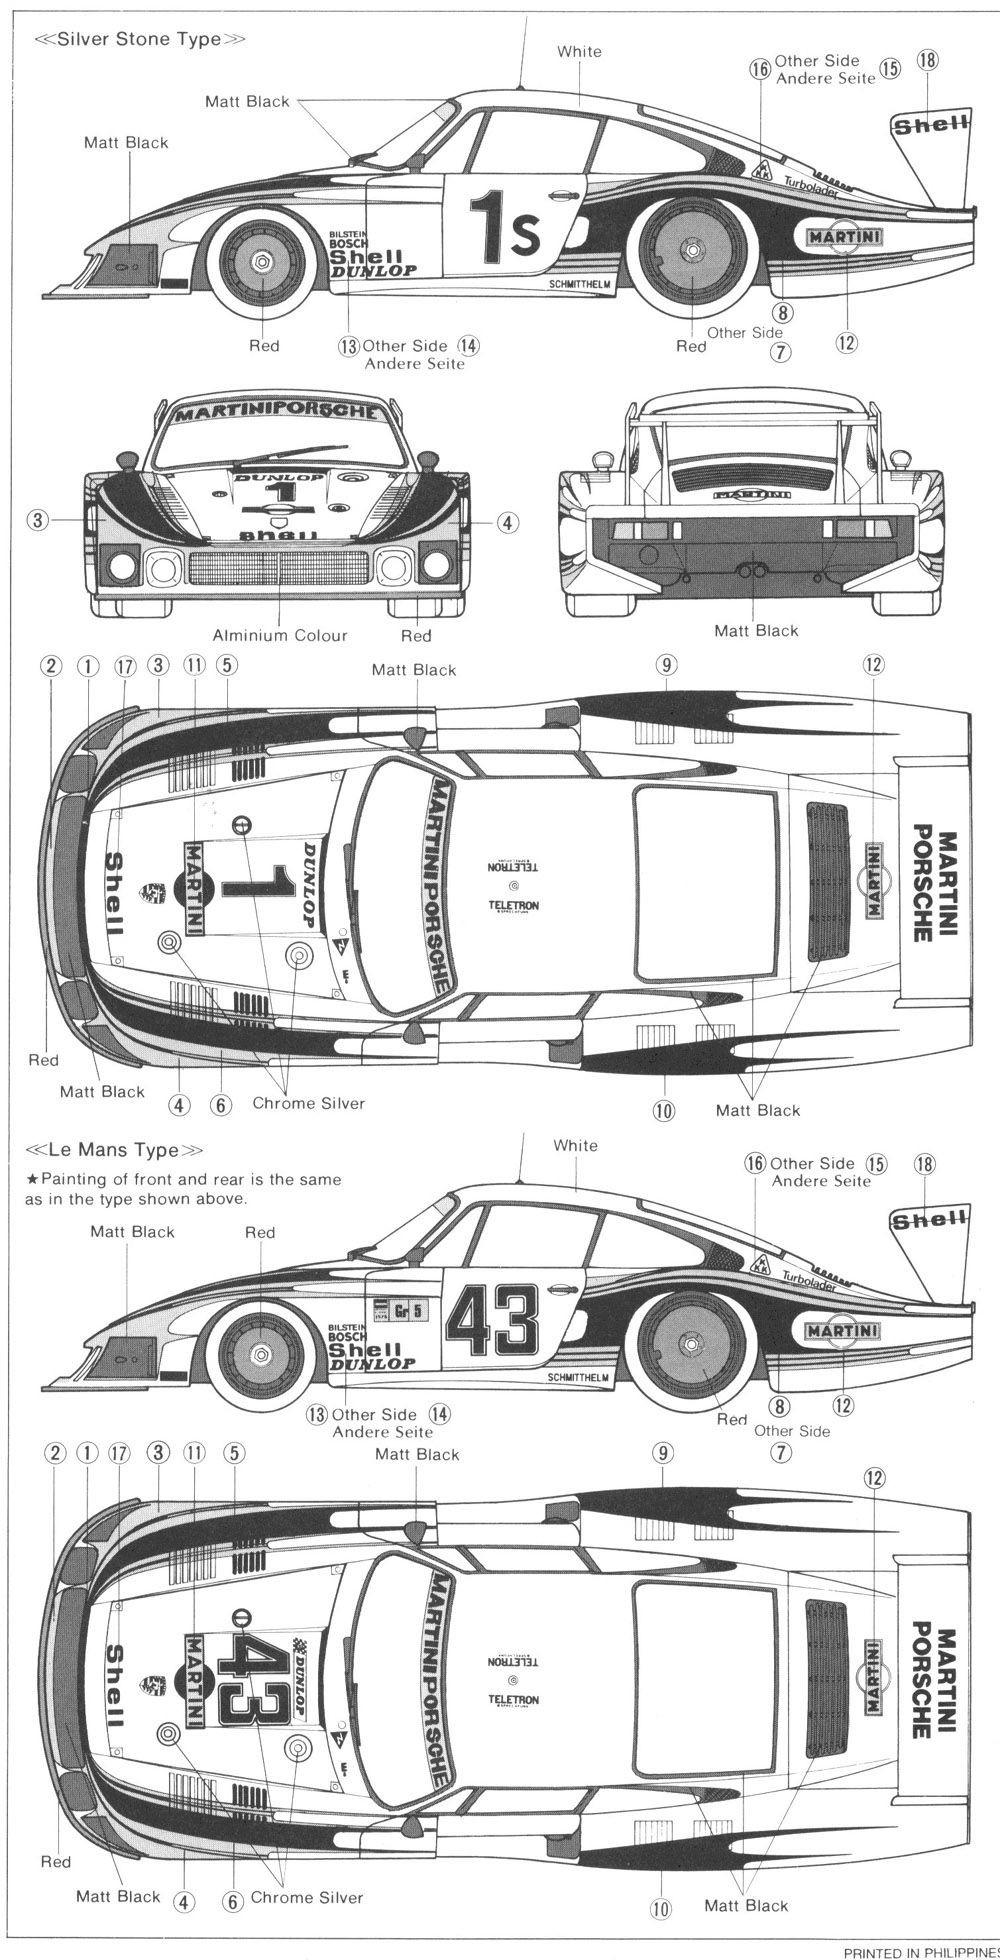 F1 Car Diagram Porsche 935 Illustrations Beautiful Porsche Cars Of F1 Car Diagram